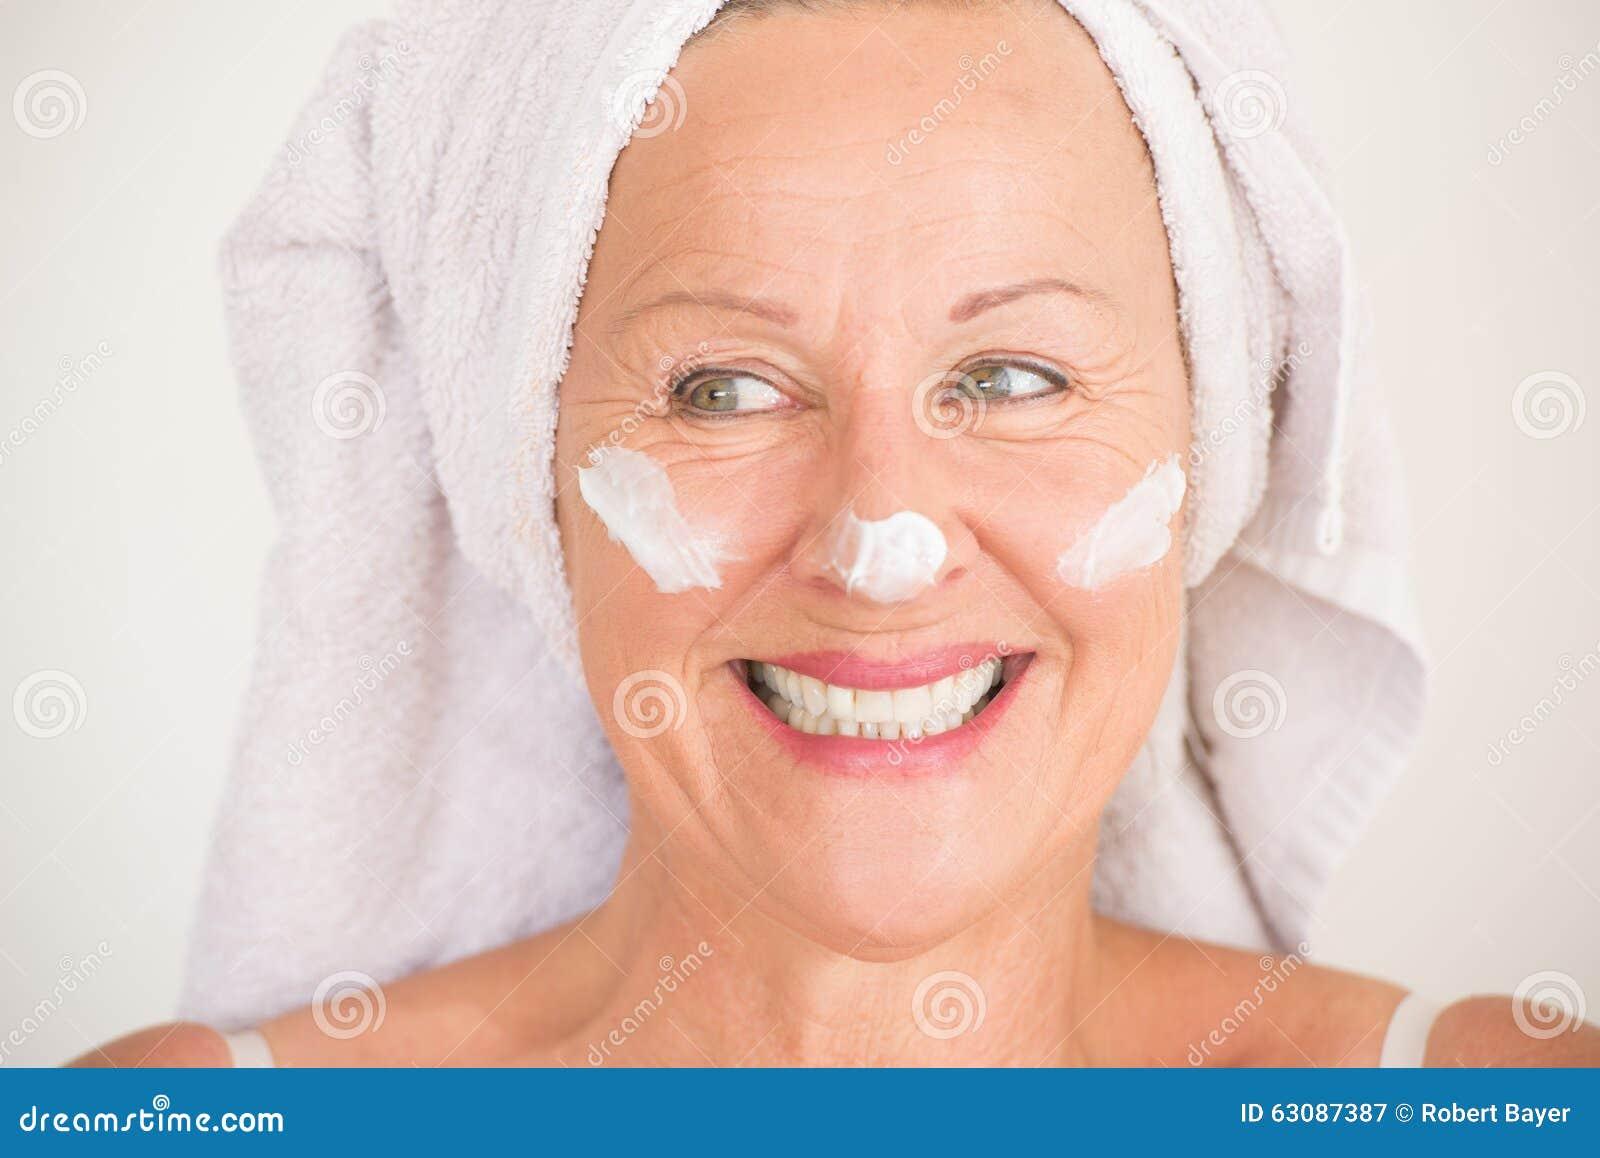 Download Lotion Mûre Attrayante De Visage De Femme Image stock - Image du expression, femelle: 63087387